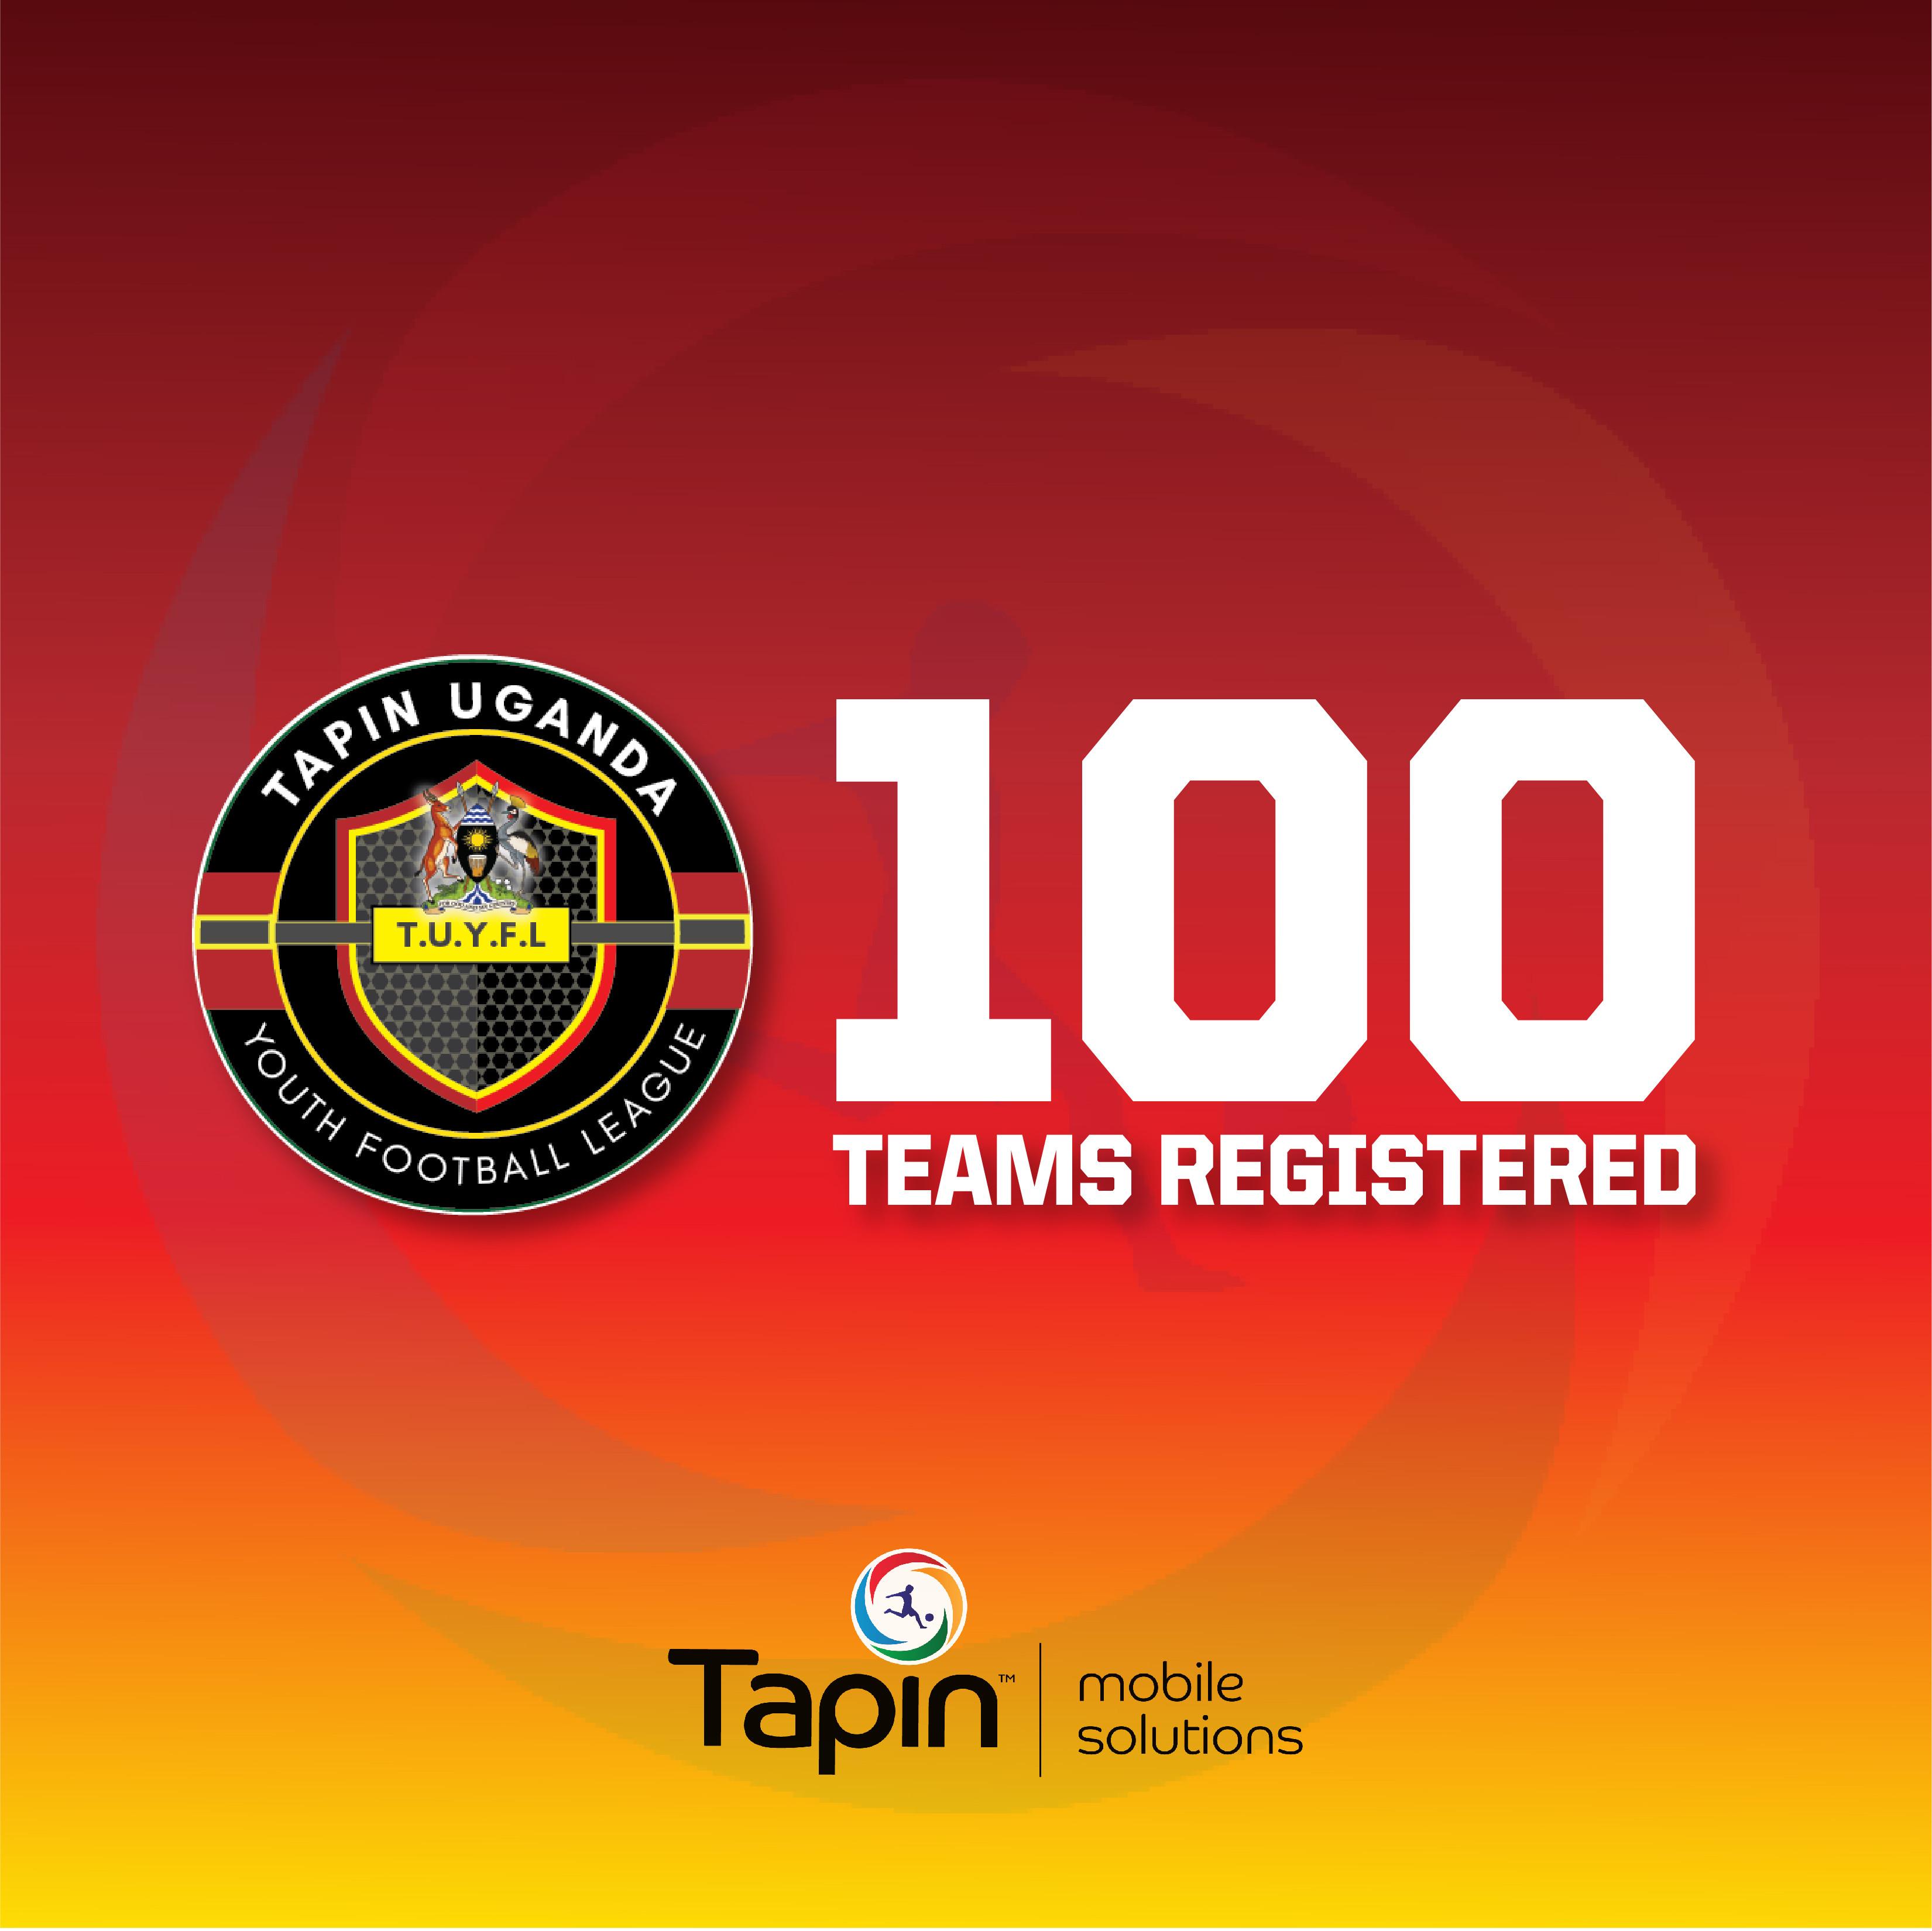 TUYFL Reaches 100 Team Milestone